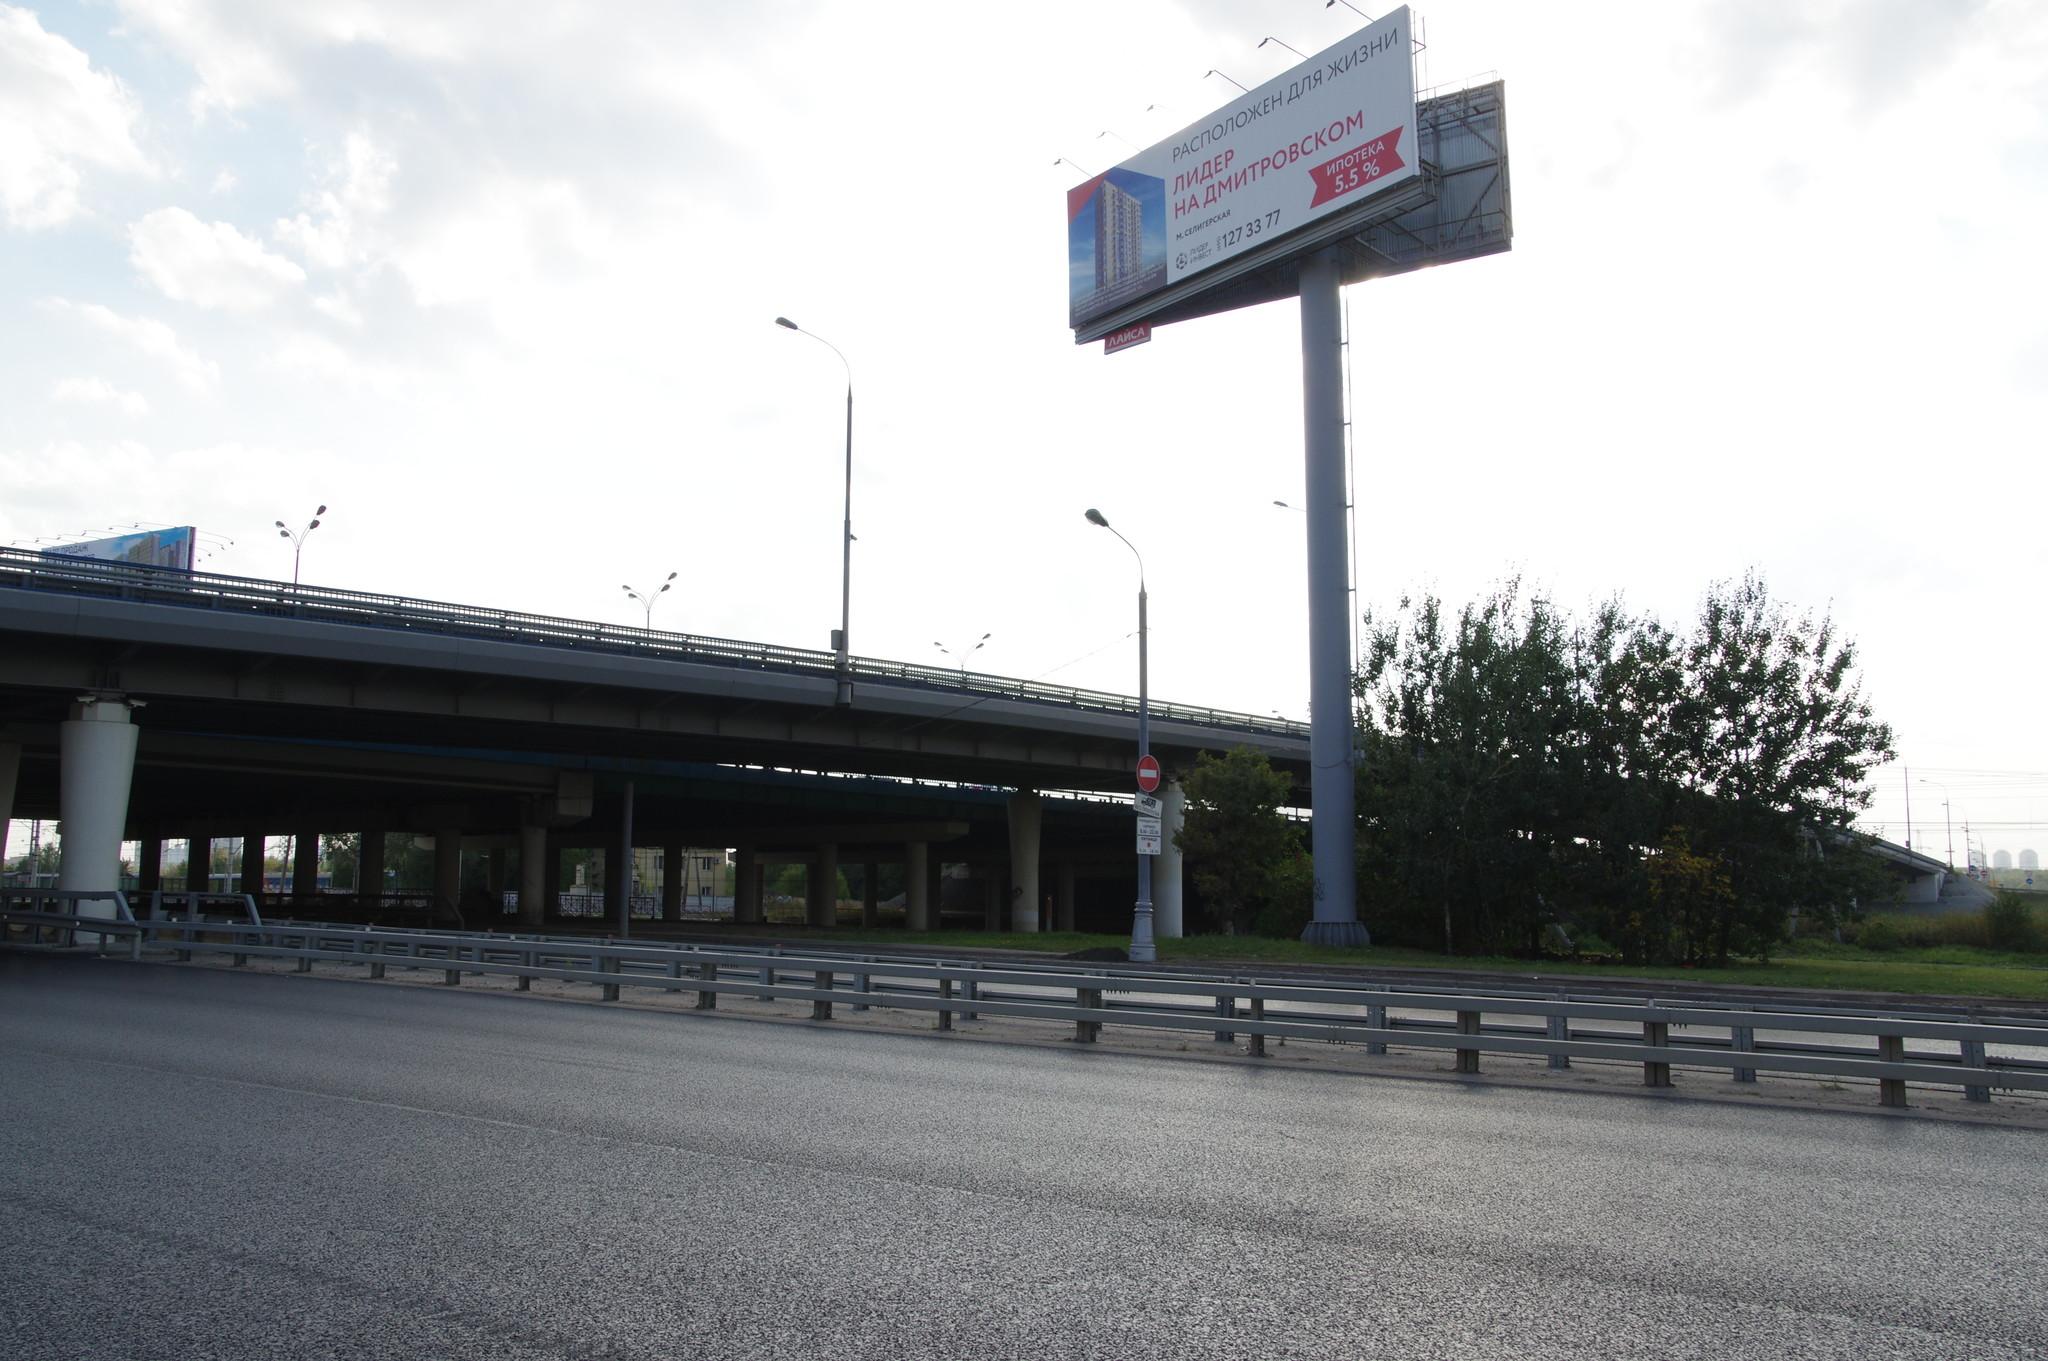 Путепровод над железнодорожными путями Савёловского направления